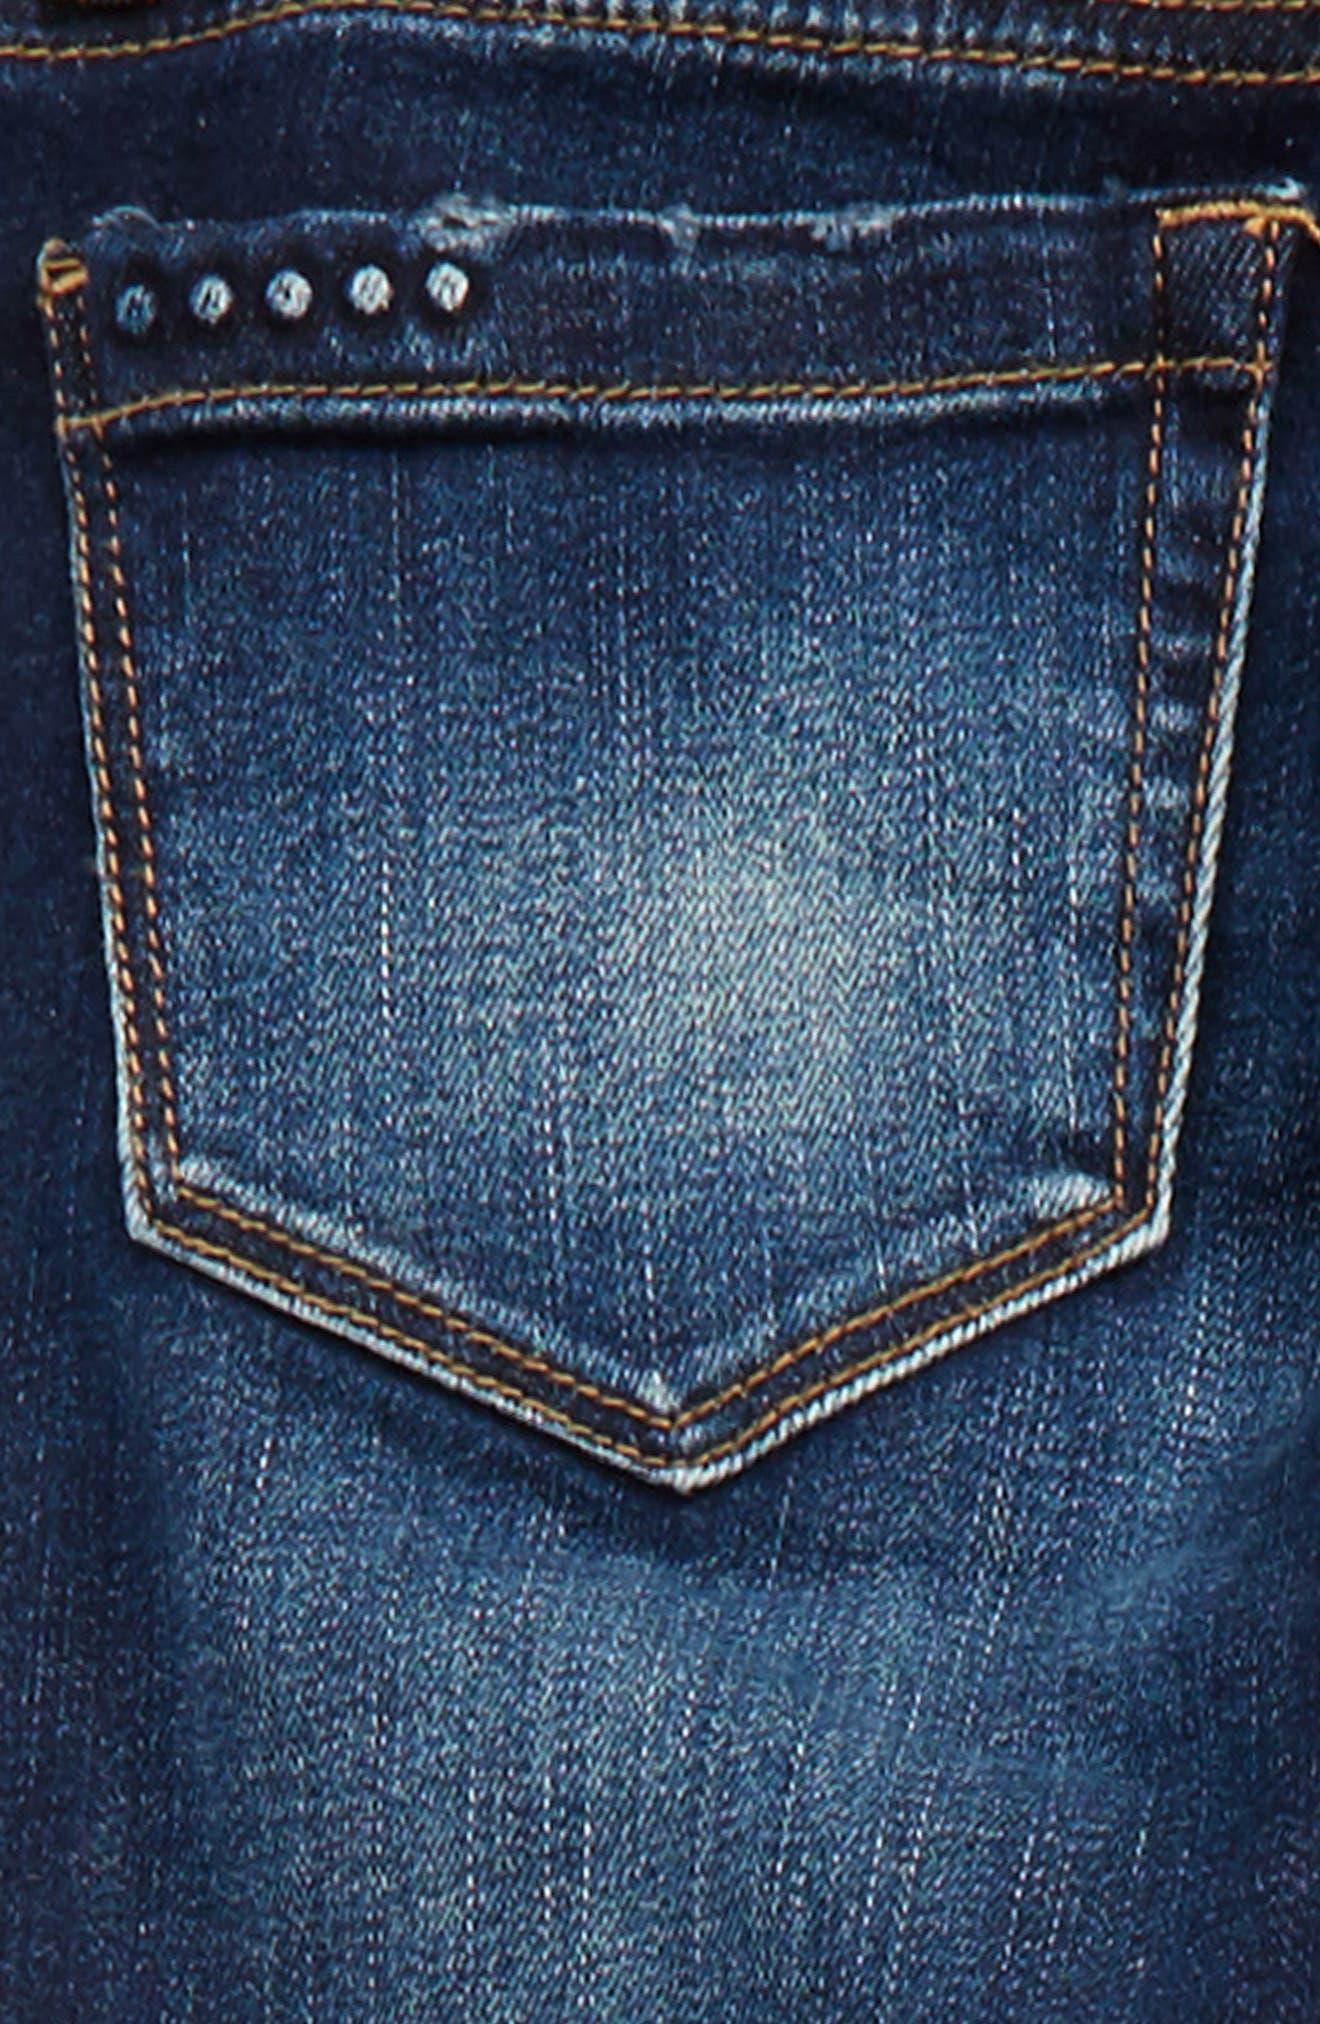 Rip & Repair Skinny Jeans,                             Alternate thumbnail 3, color,                             Cult Classic Blue